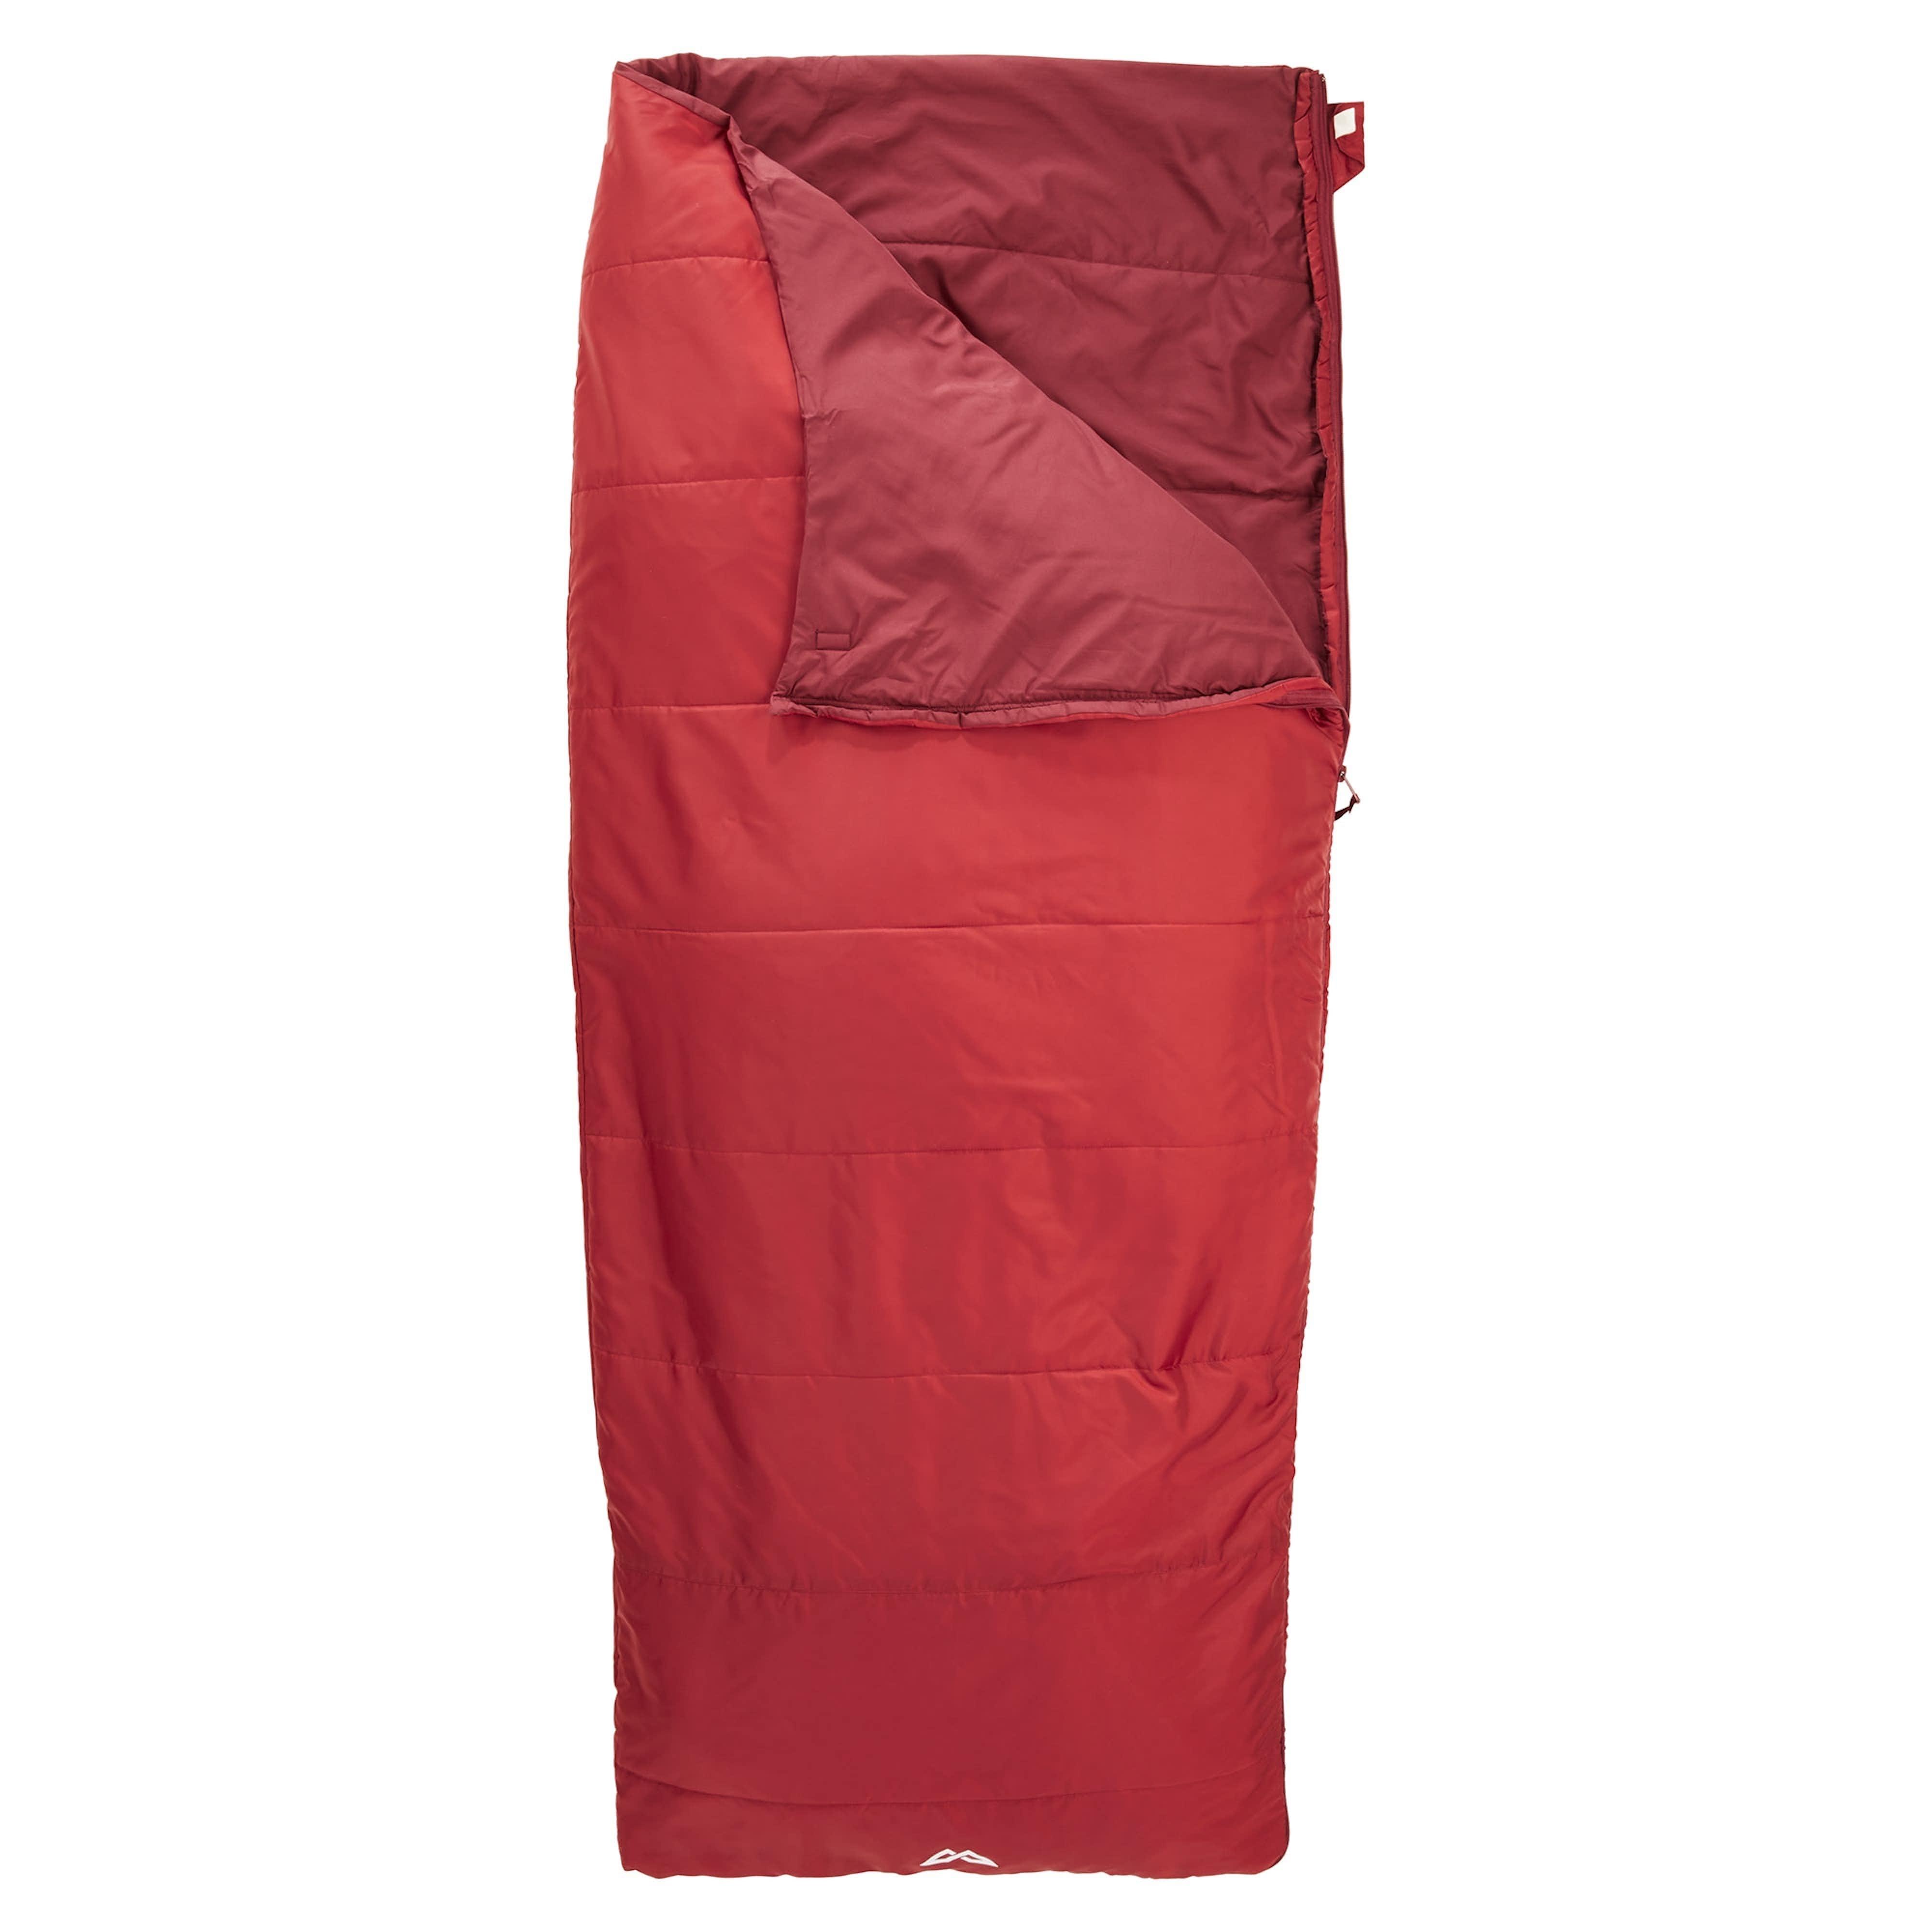 4ddf6422f Sleeping Bag